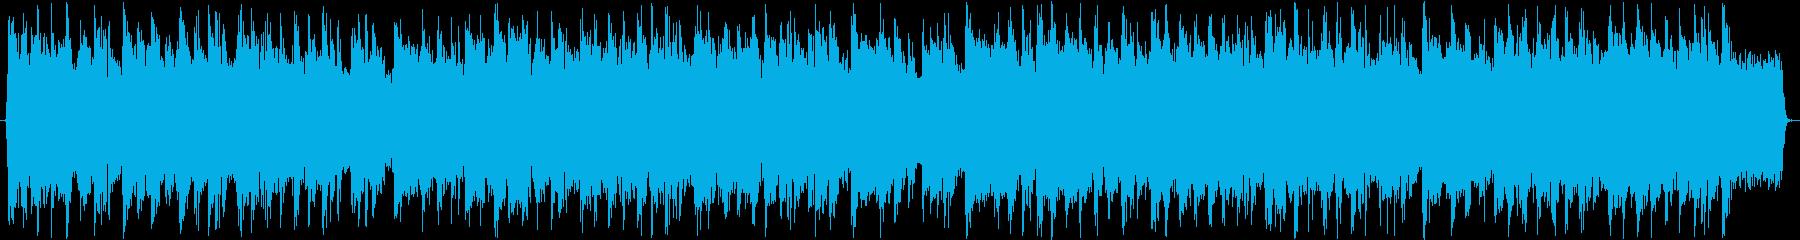 疾走感あふれるヘビーメタルの再生済みの波形